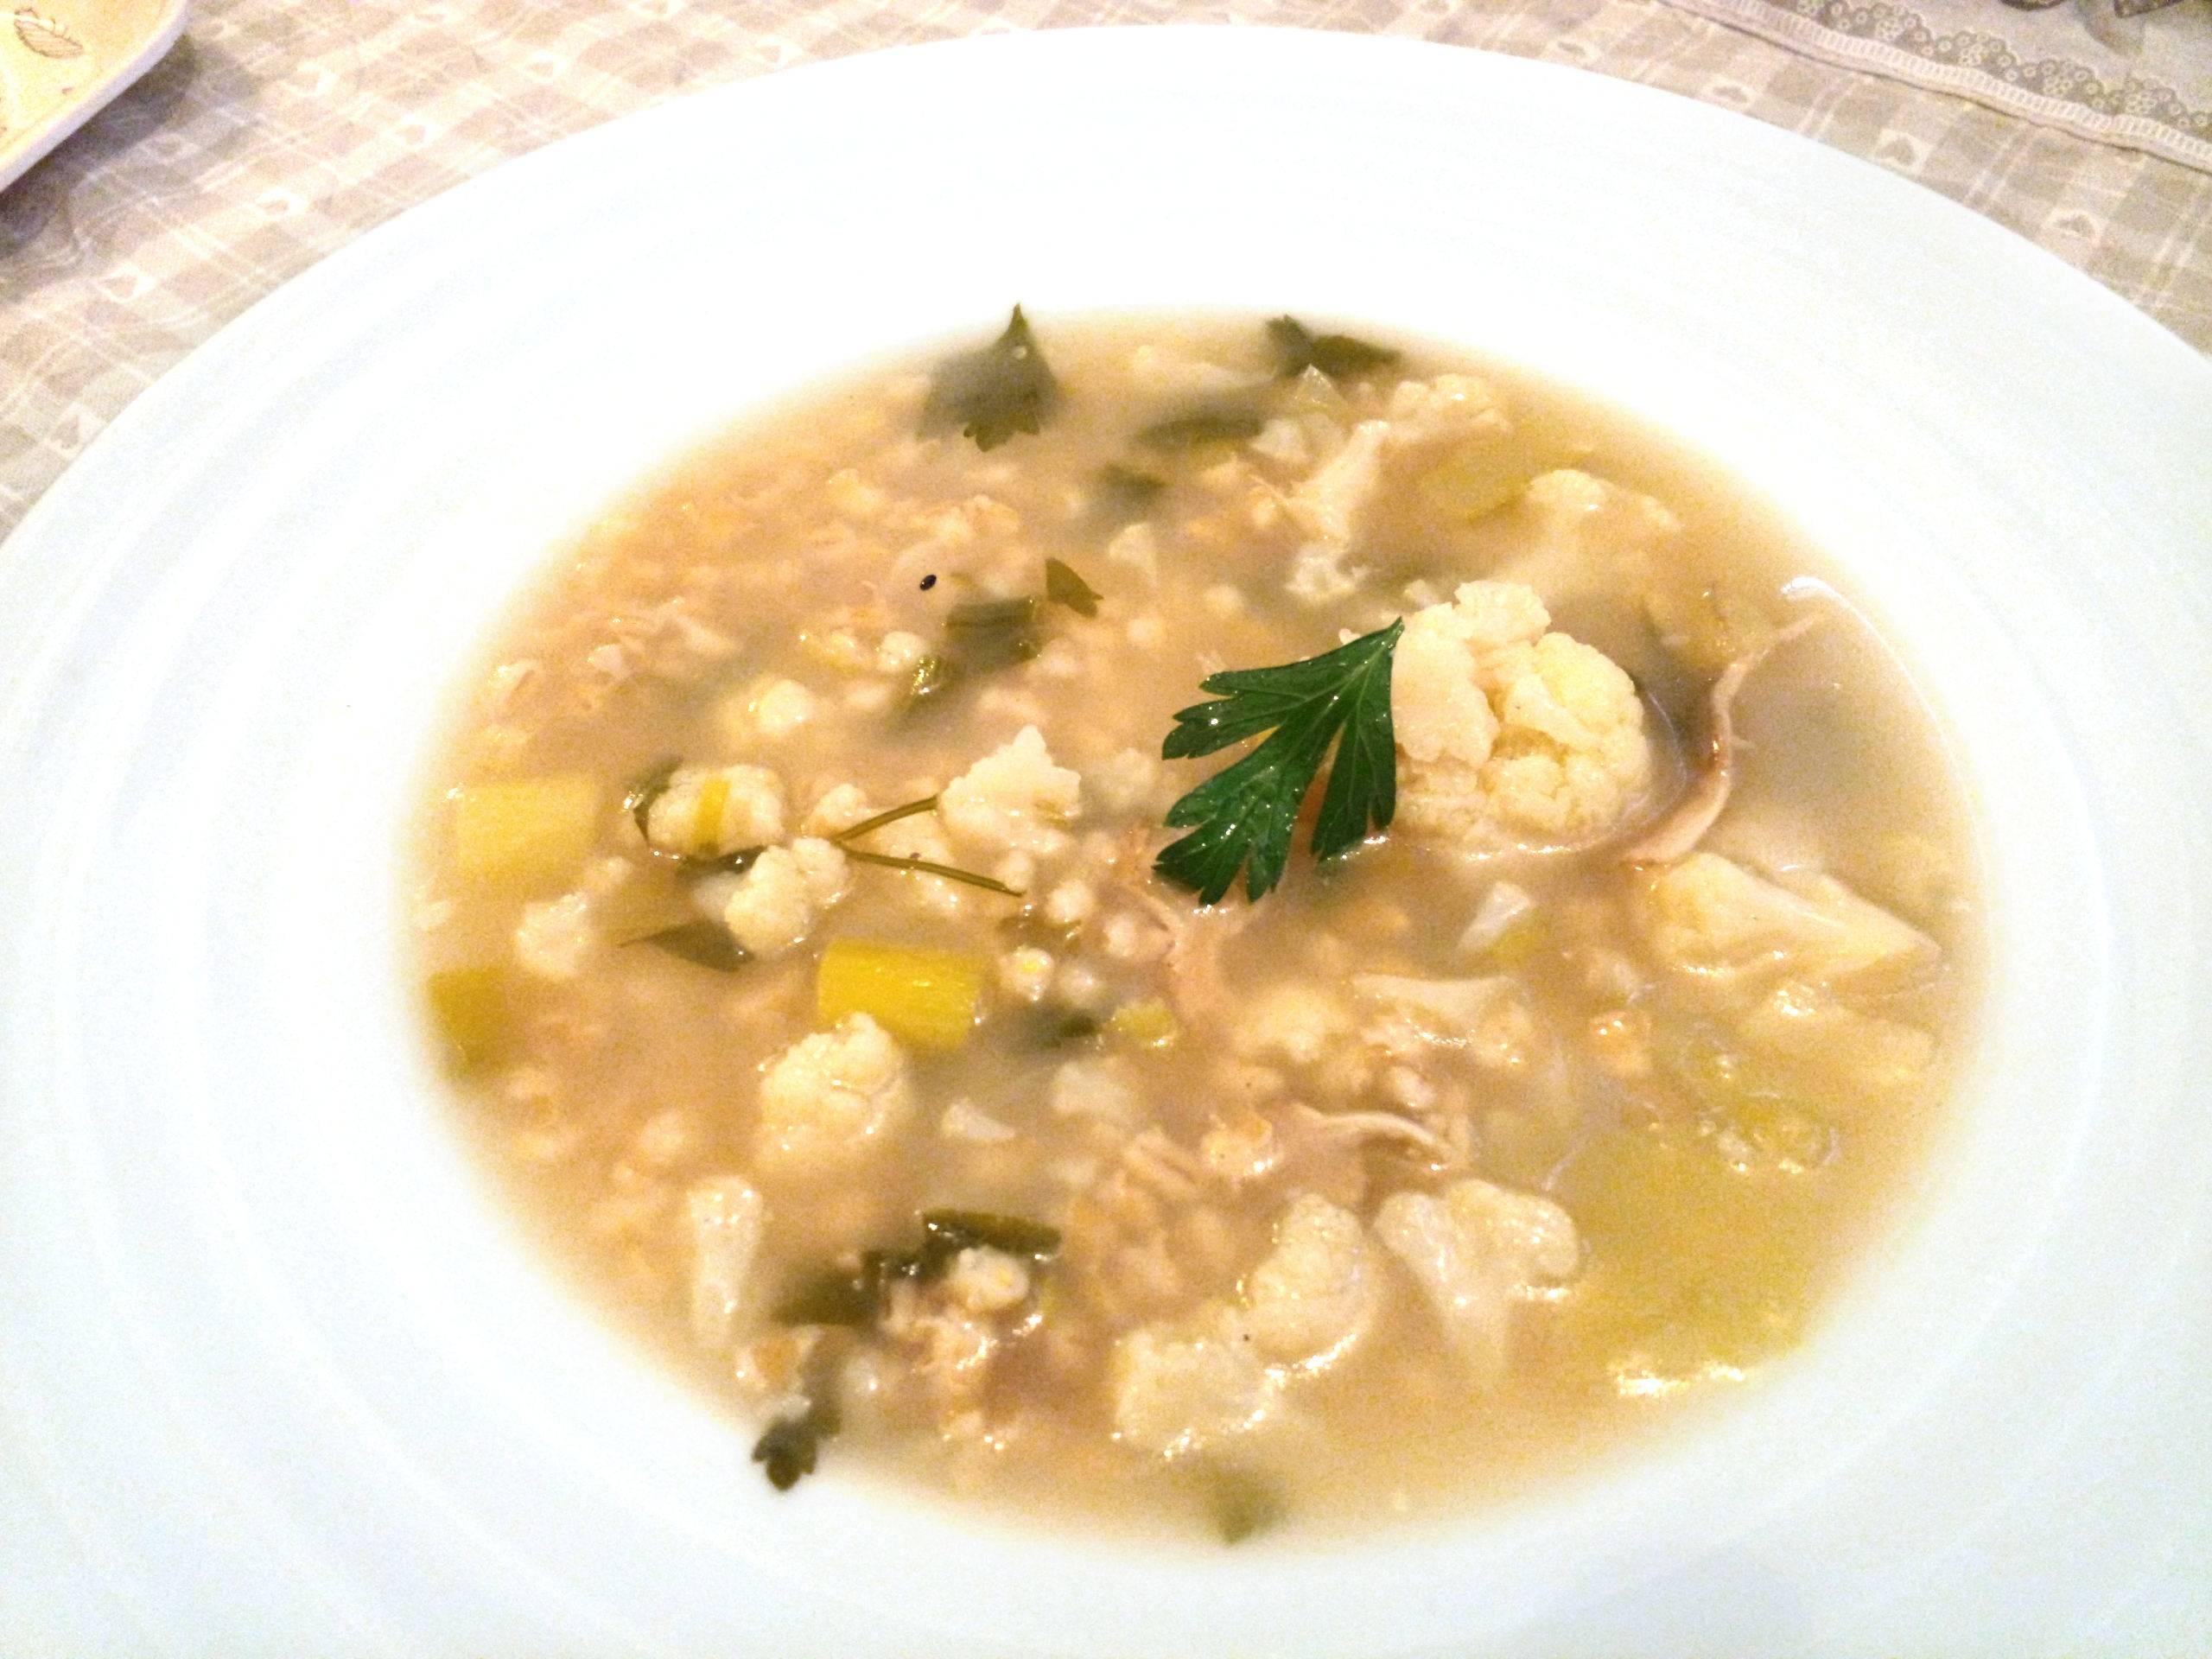 Hlboký tanier s polievkou, krúpky, huby, karfiol, paprika, petržlenová vňať